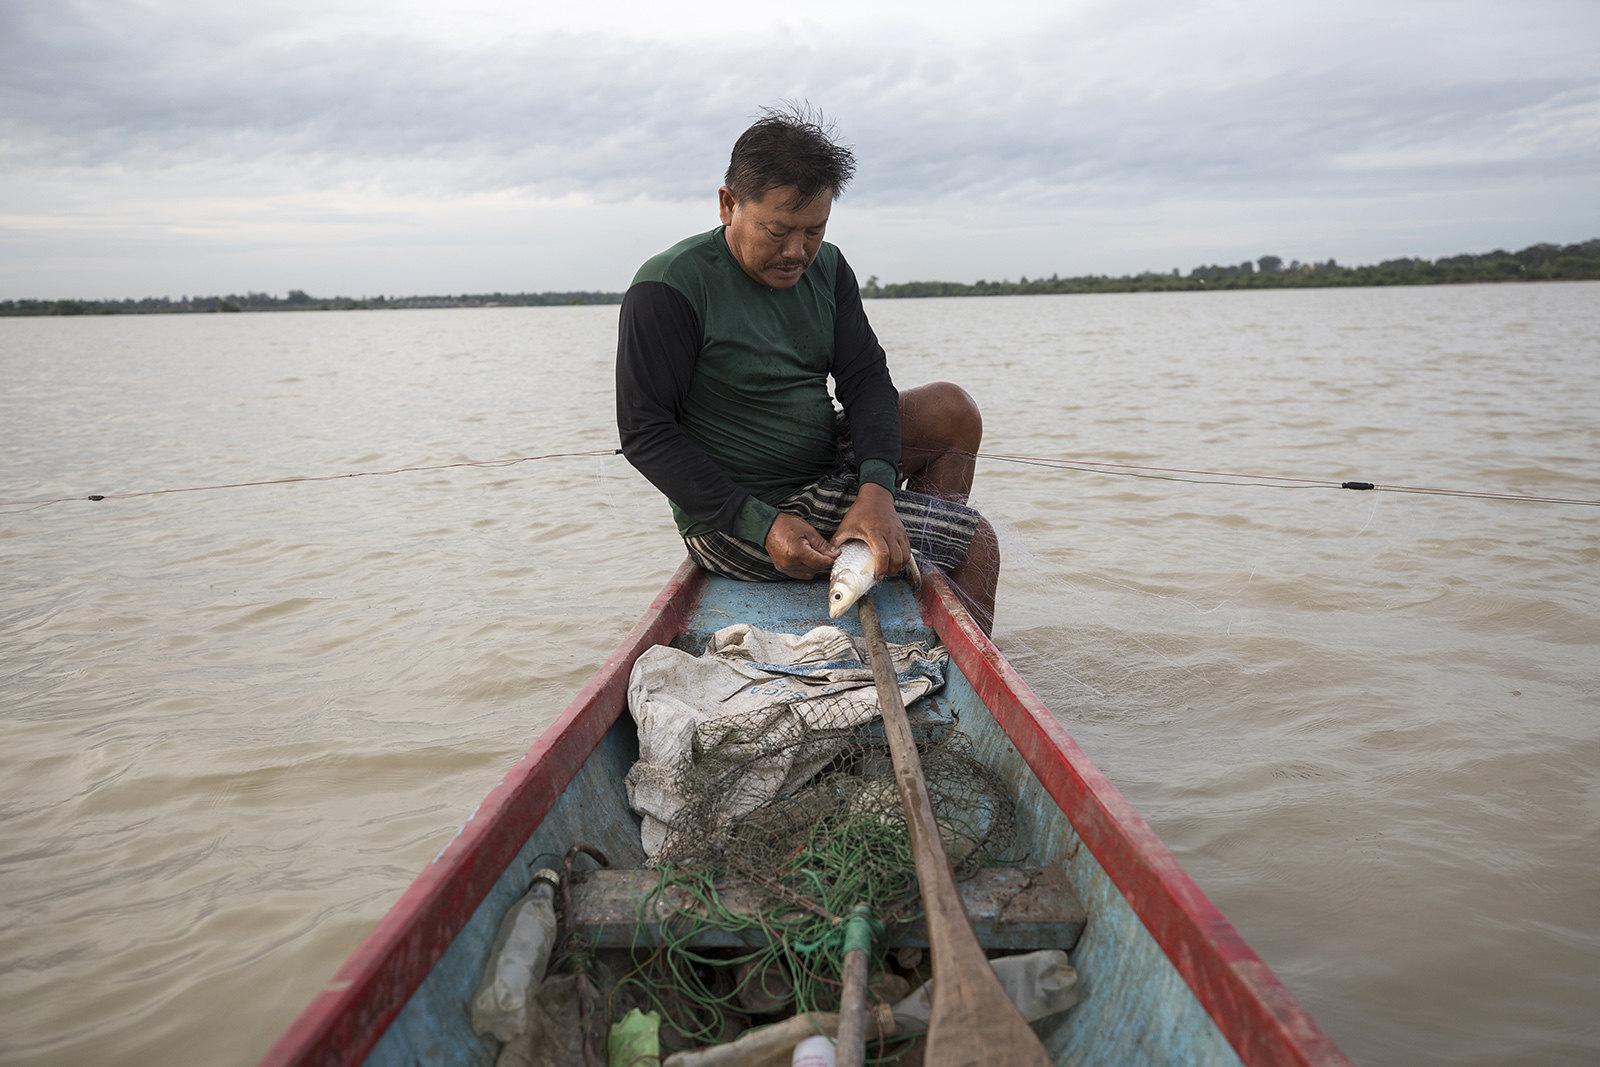 สุนันท์ ผาชุม อายุ 53 ปี ระหว่างจับปลาท้ายเขื่อน ชุมชนที่เขาเคยอาศัยได้รับผลกระทบจากการสร้างเขื่อนราษีไศล หลังที่ดินถูกน้ำท่วม เขาต้องลงทุนกว่า 6 หมื่นบาทเพื่อซื้อปลาและอุปกรณ์จับปลาที่ใช้ได้กับระดับน้ำลึก เขาไม่แน่ใจว่าจะใช้เวลานานแค่ไหนจึงจะคืนทุนได้(ที่มา: Luke Duggleby)